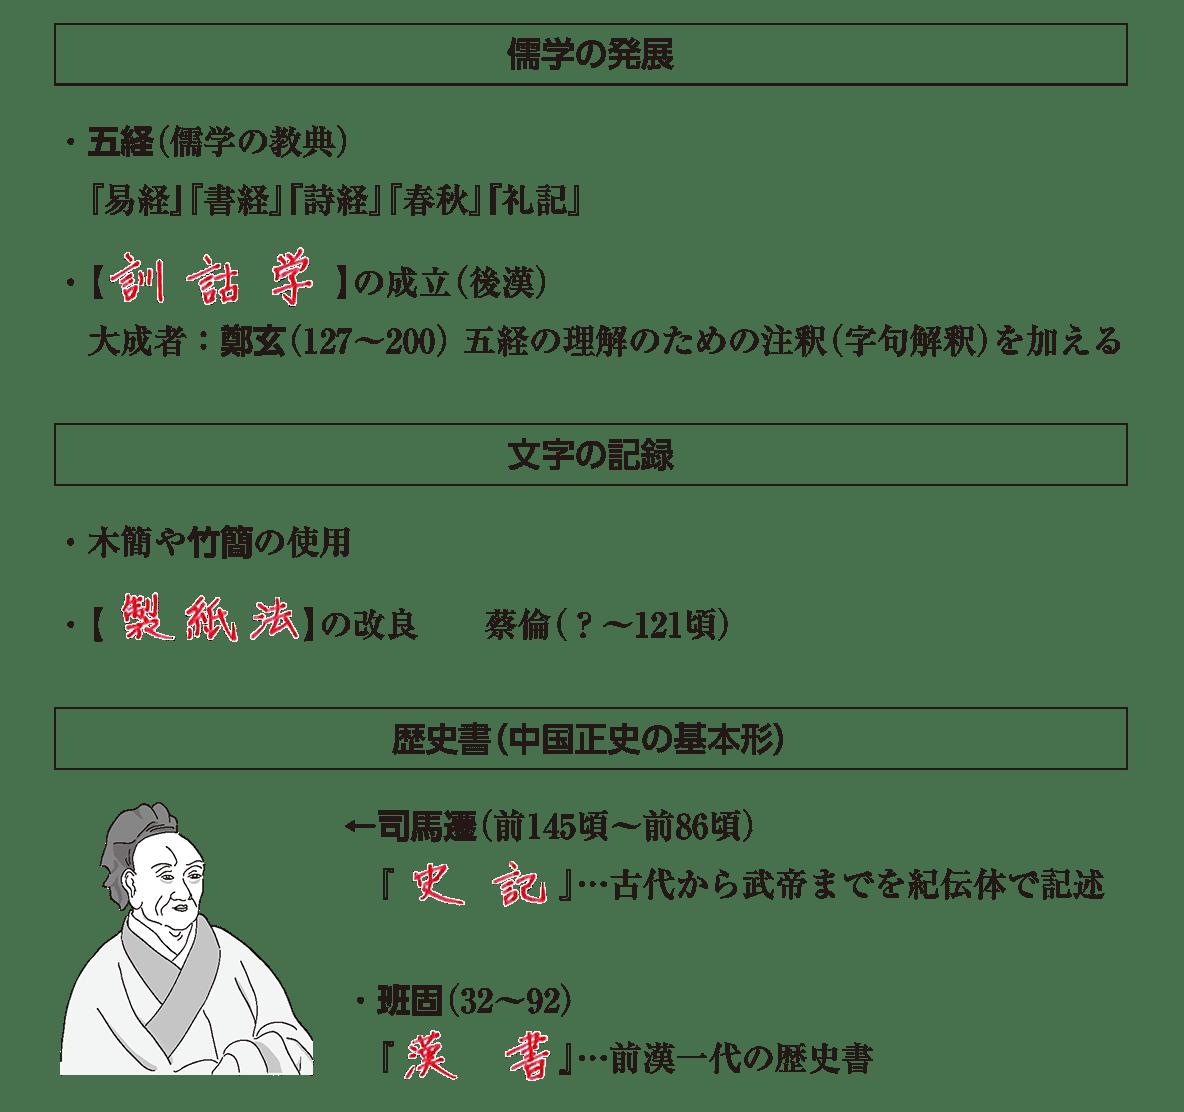 高校世界史 中国の古典文明5ポイント3 答え全部